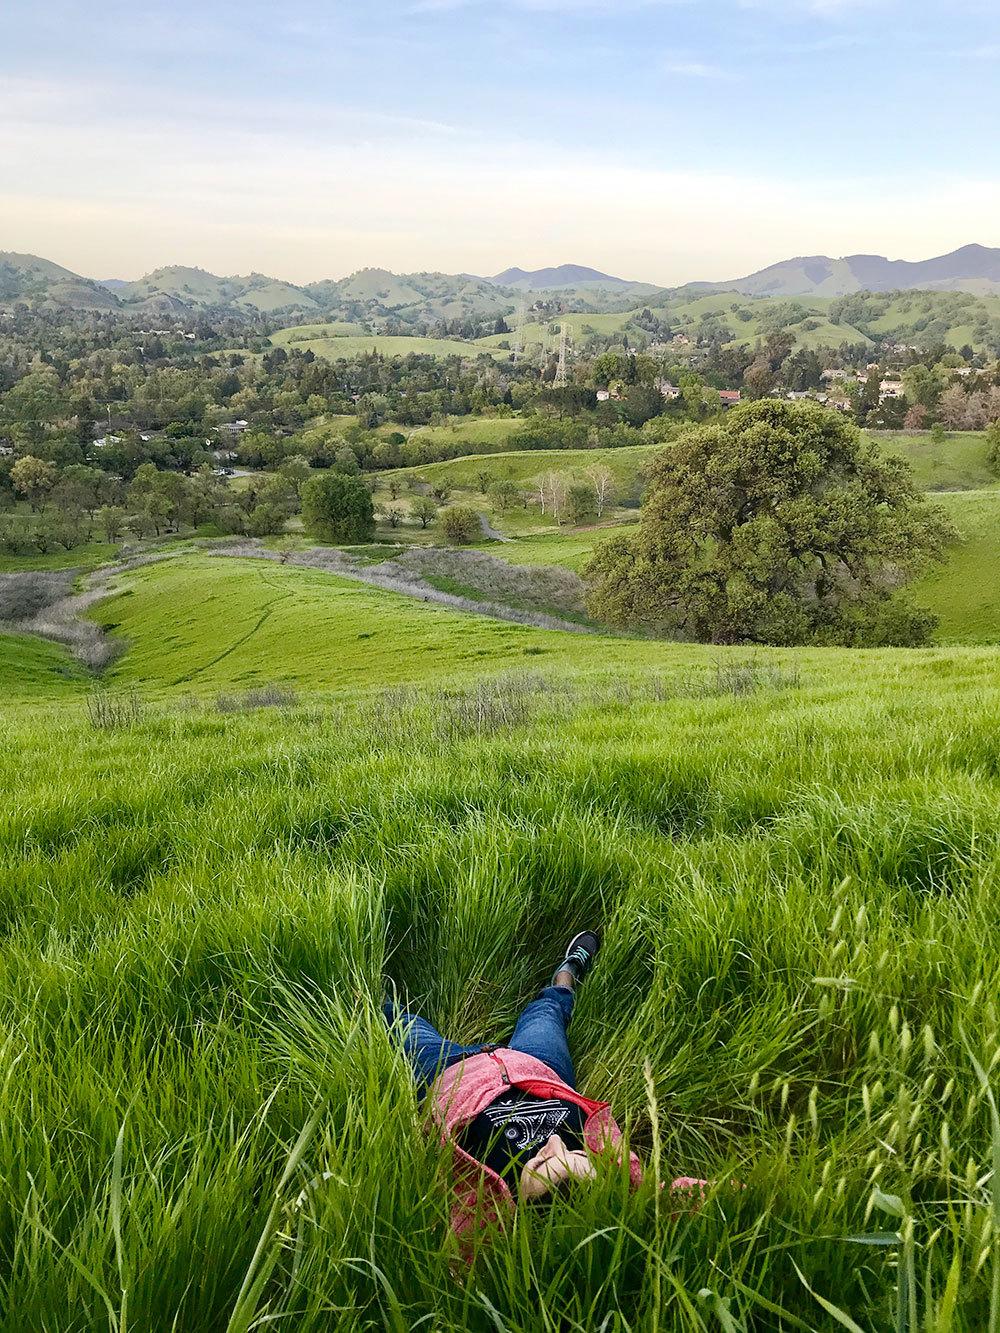 Уолнат-Крик окружен холмами, поэтому здесь теплее, чем в Сан-Франциско. В мае у нас может быть 30 градусов тепла, а в Сан-Франциско из-за ветра с залива не больше 20. Десять минут на машине — и можно гулять по холмам и валяться в траве